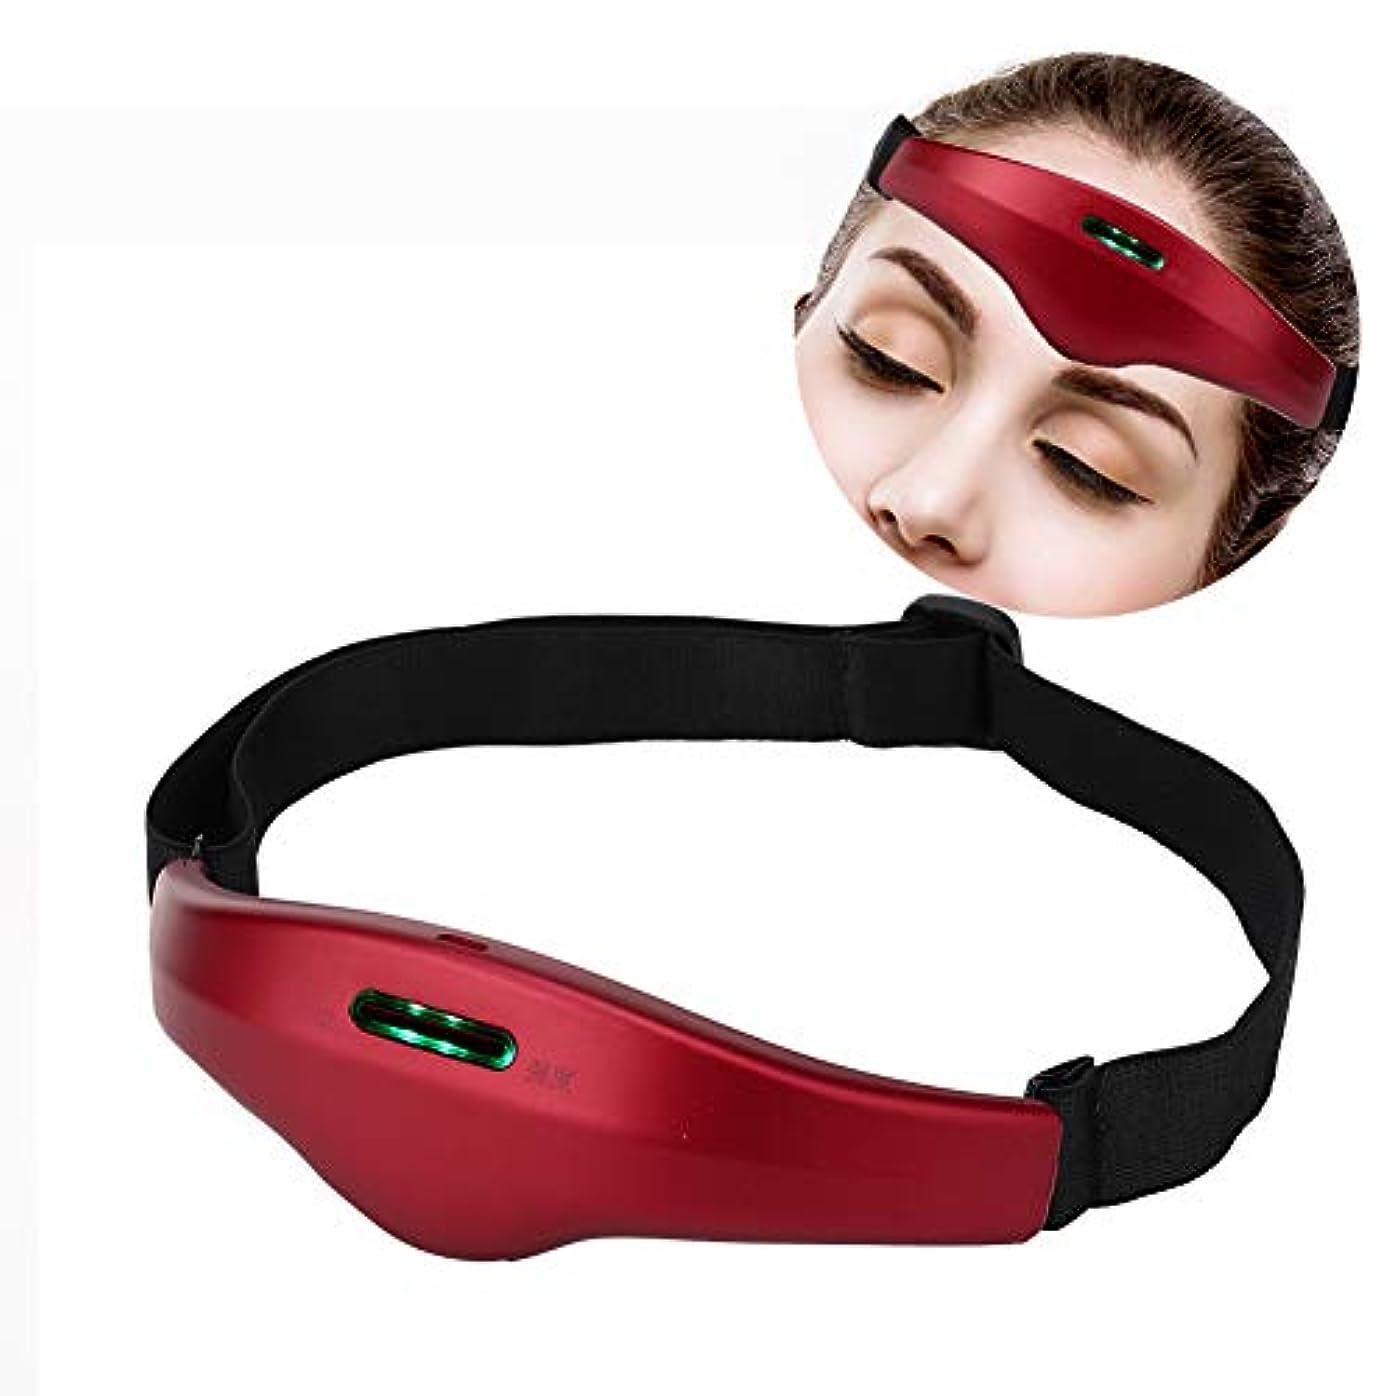 航空機作業ビジュアル電気ヘッドマッサージャー、ストレス解消のためのコントロールネックマッサージャーとより良い睡眠の声インテリジェント睡眠マッサージ装置(Vermilion Red)